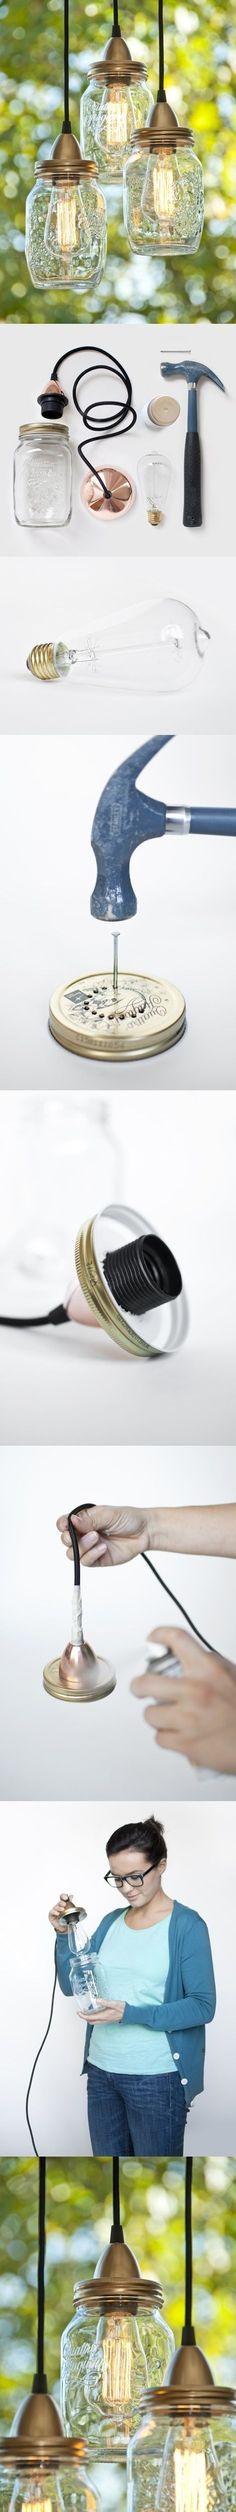 DIY lamper